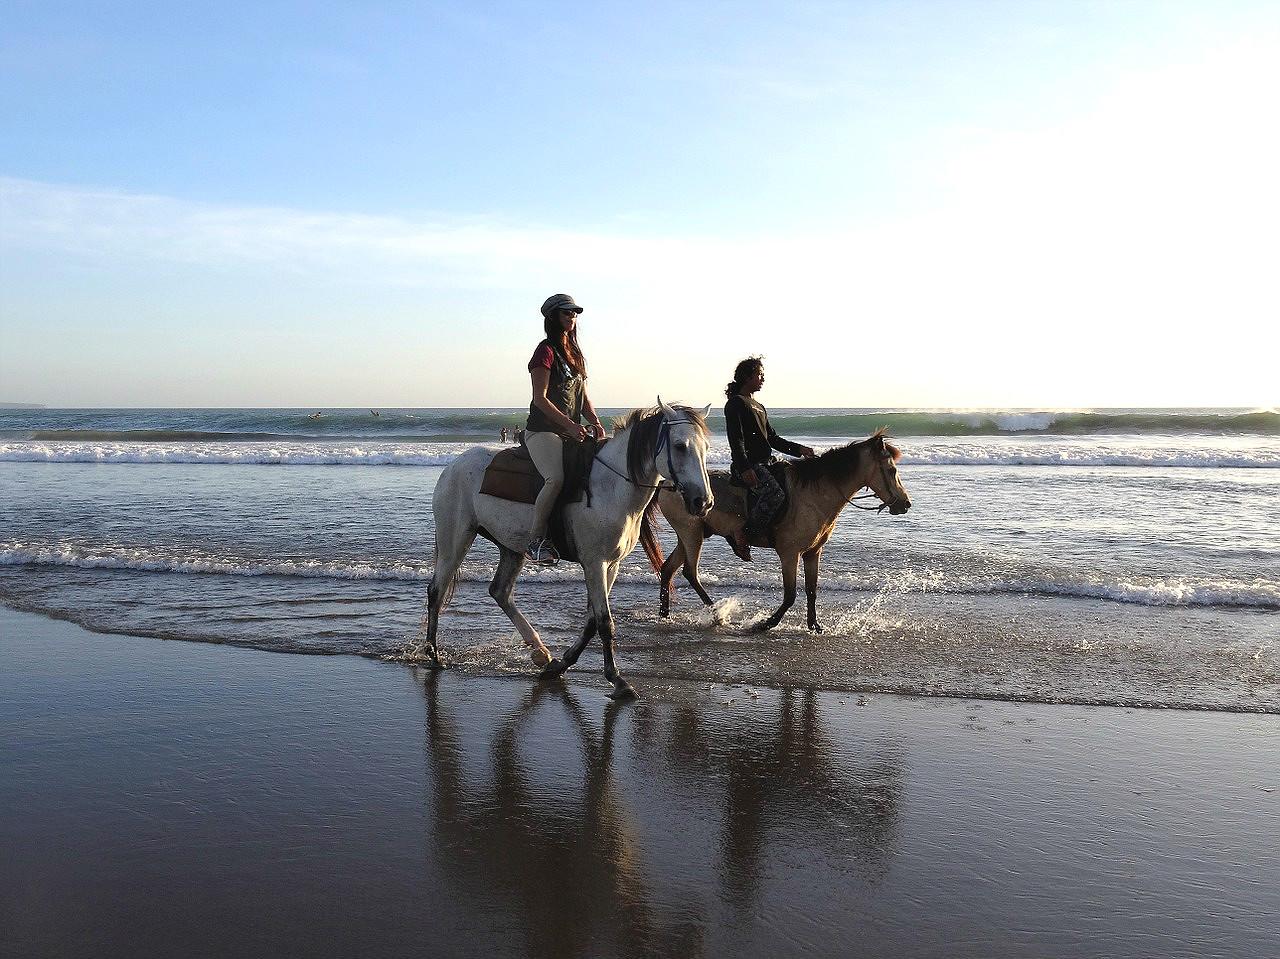 Cosas que hacer en Tarifa: paseo a caballo en la playa